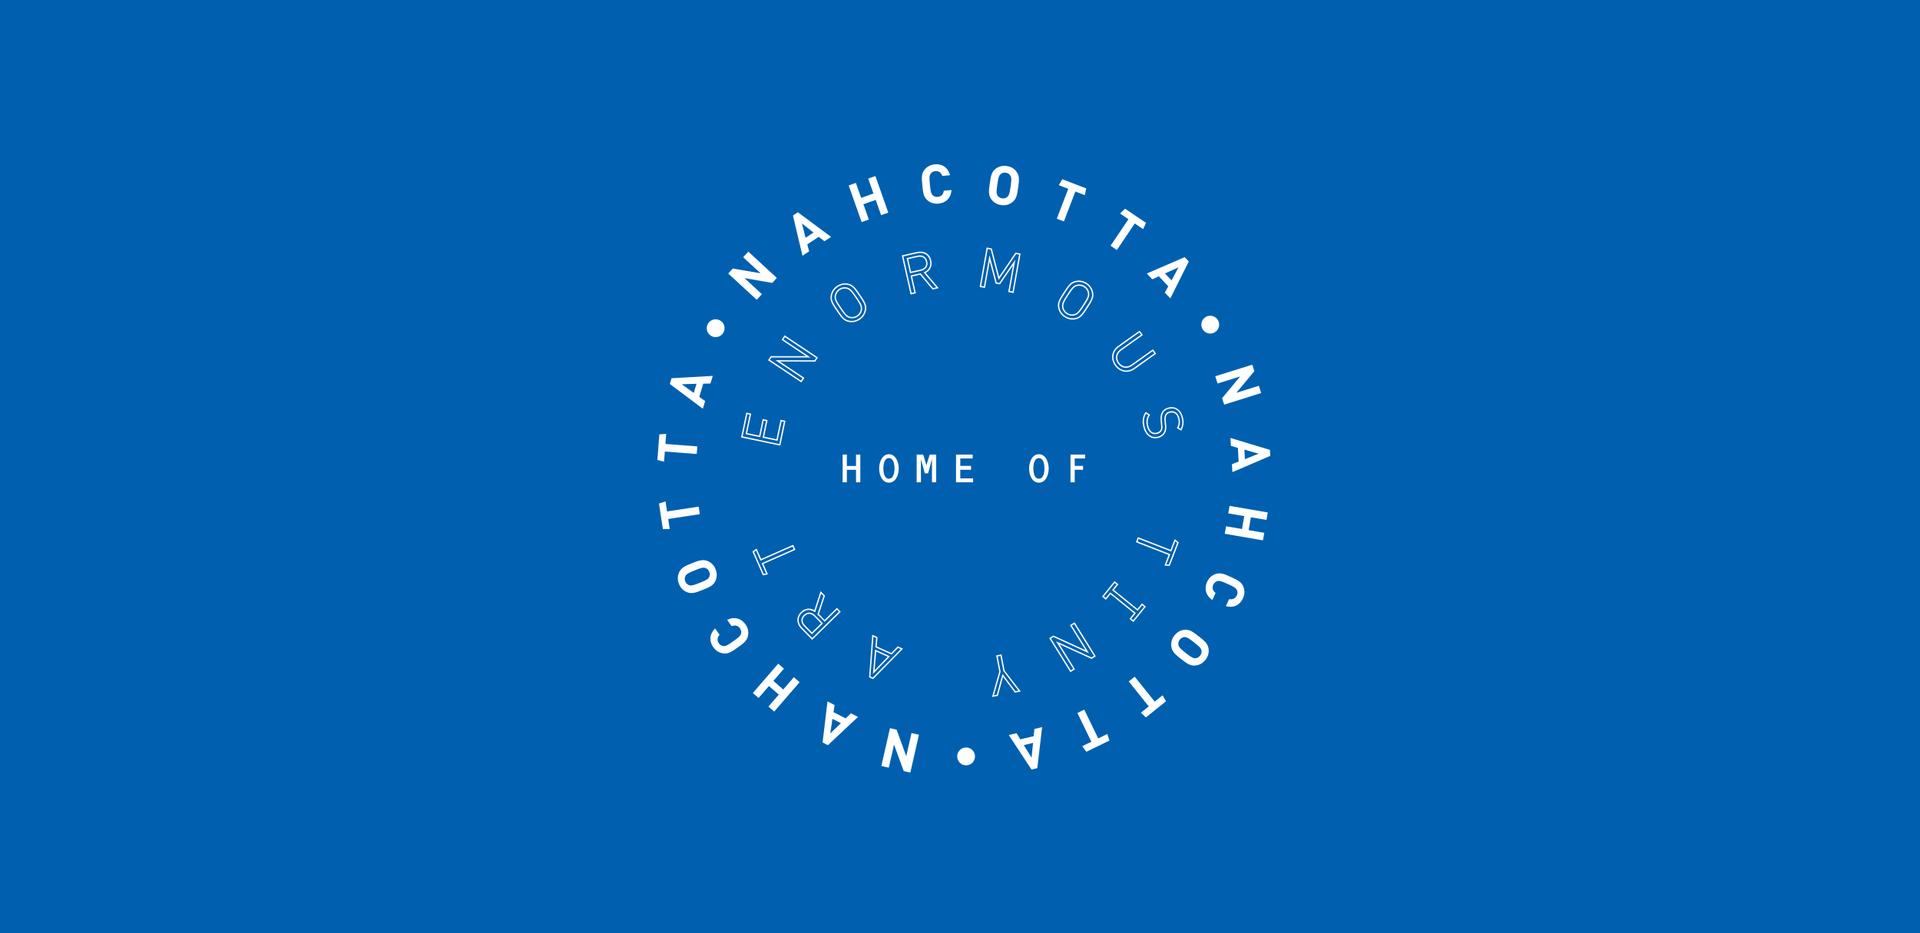 nahcotta-haigh-and-martino-ham-design-po